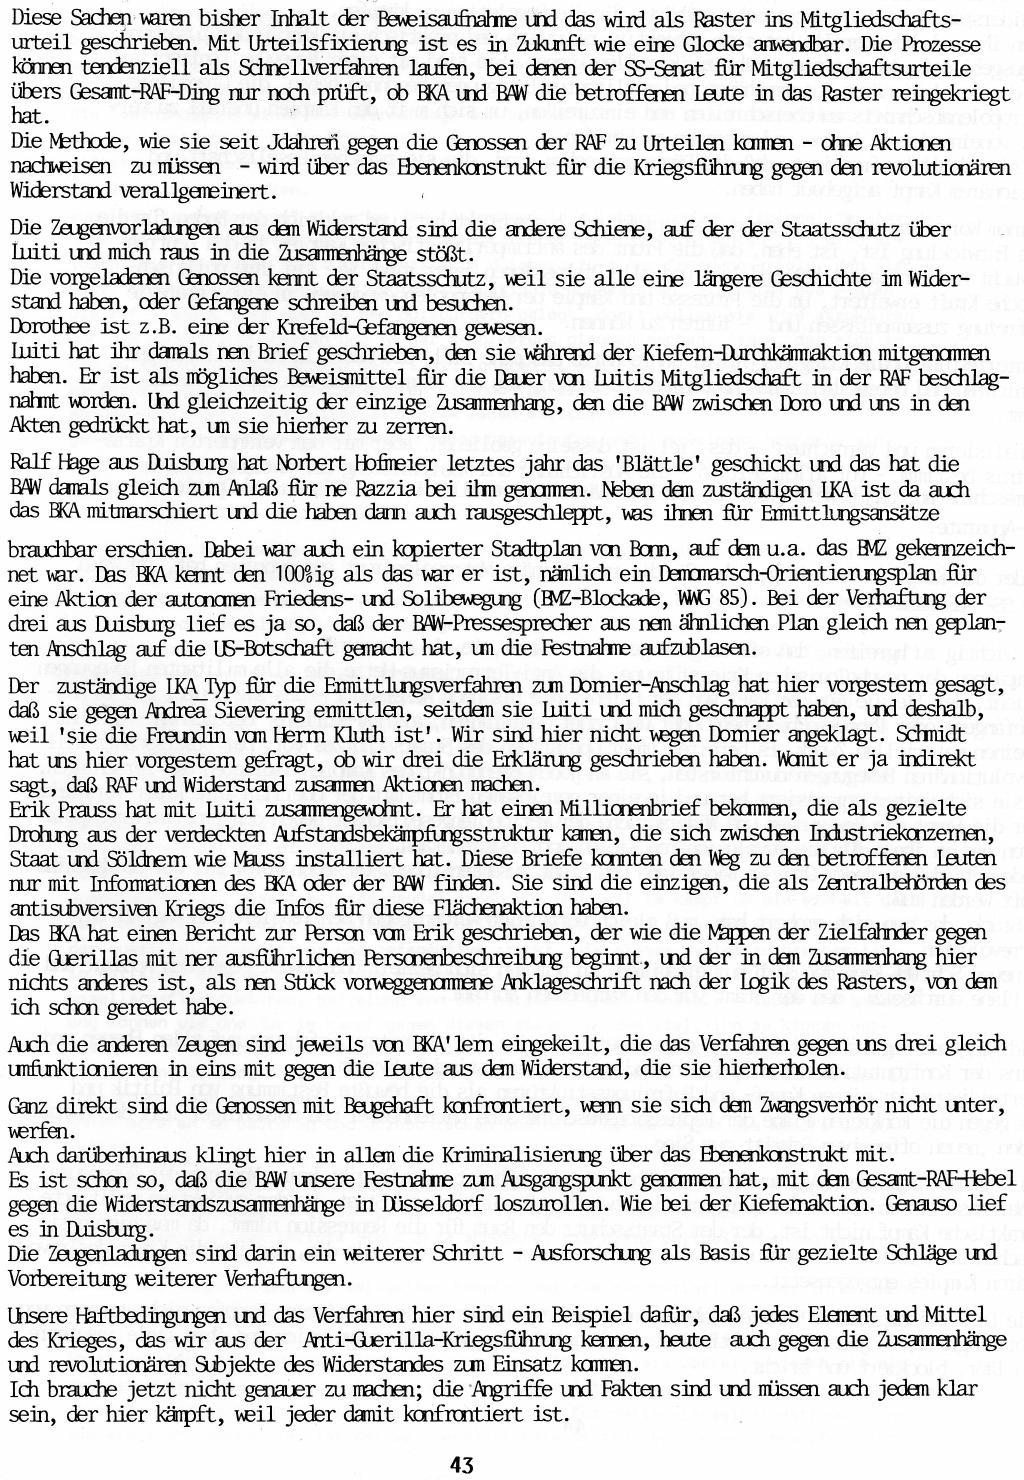 Duesseldorf_1989_Sechs_Politische_Gefangene_043